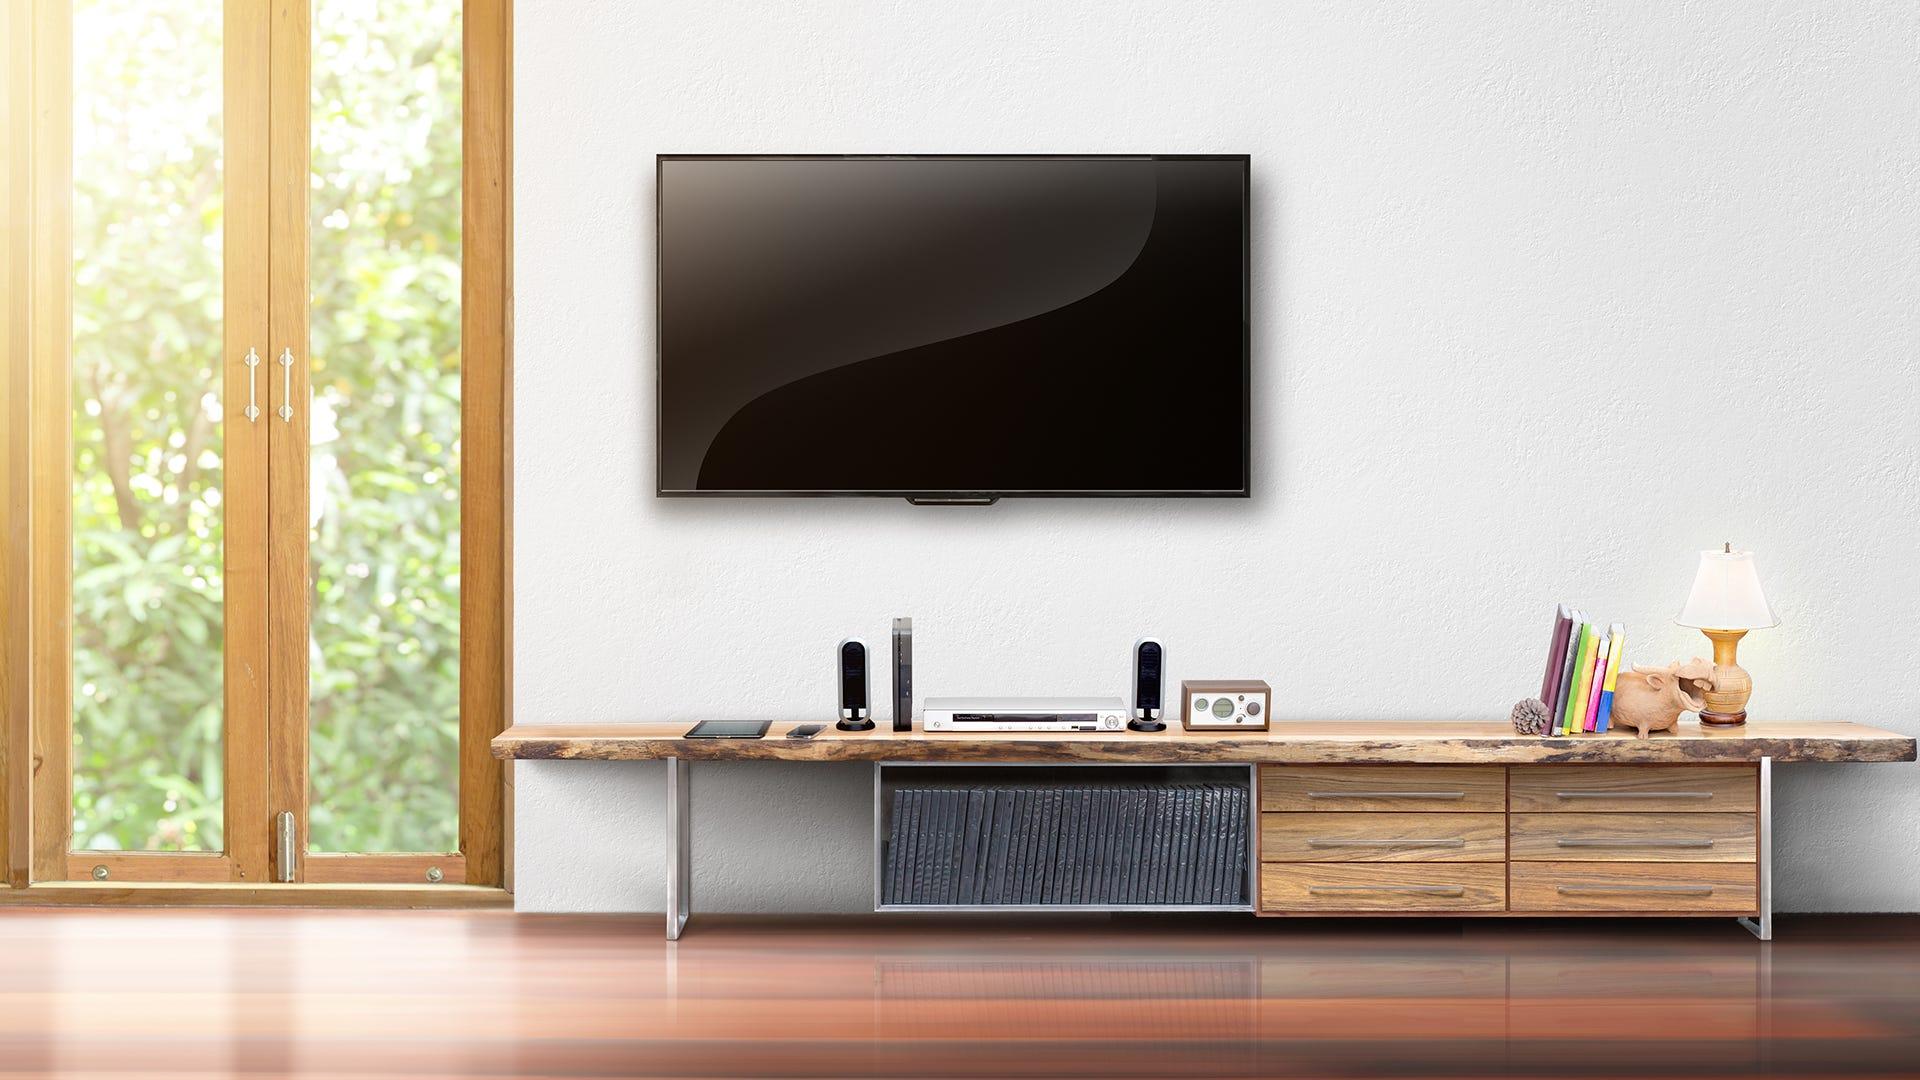 Best speakers for living room for Best bluetooth speaker for living room